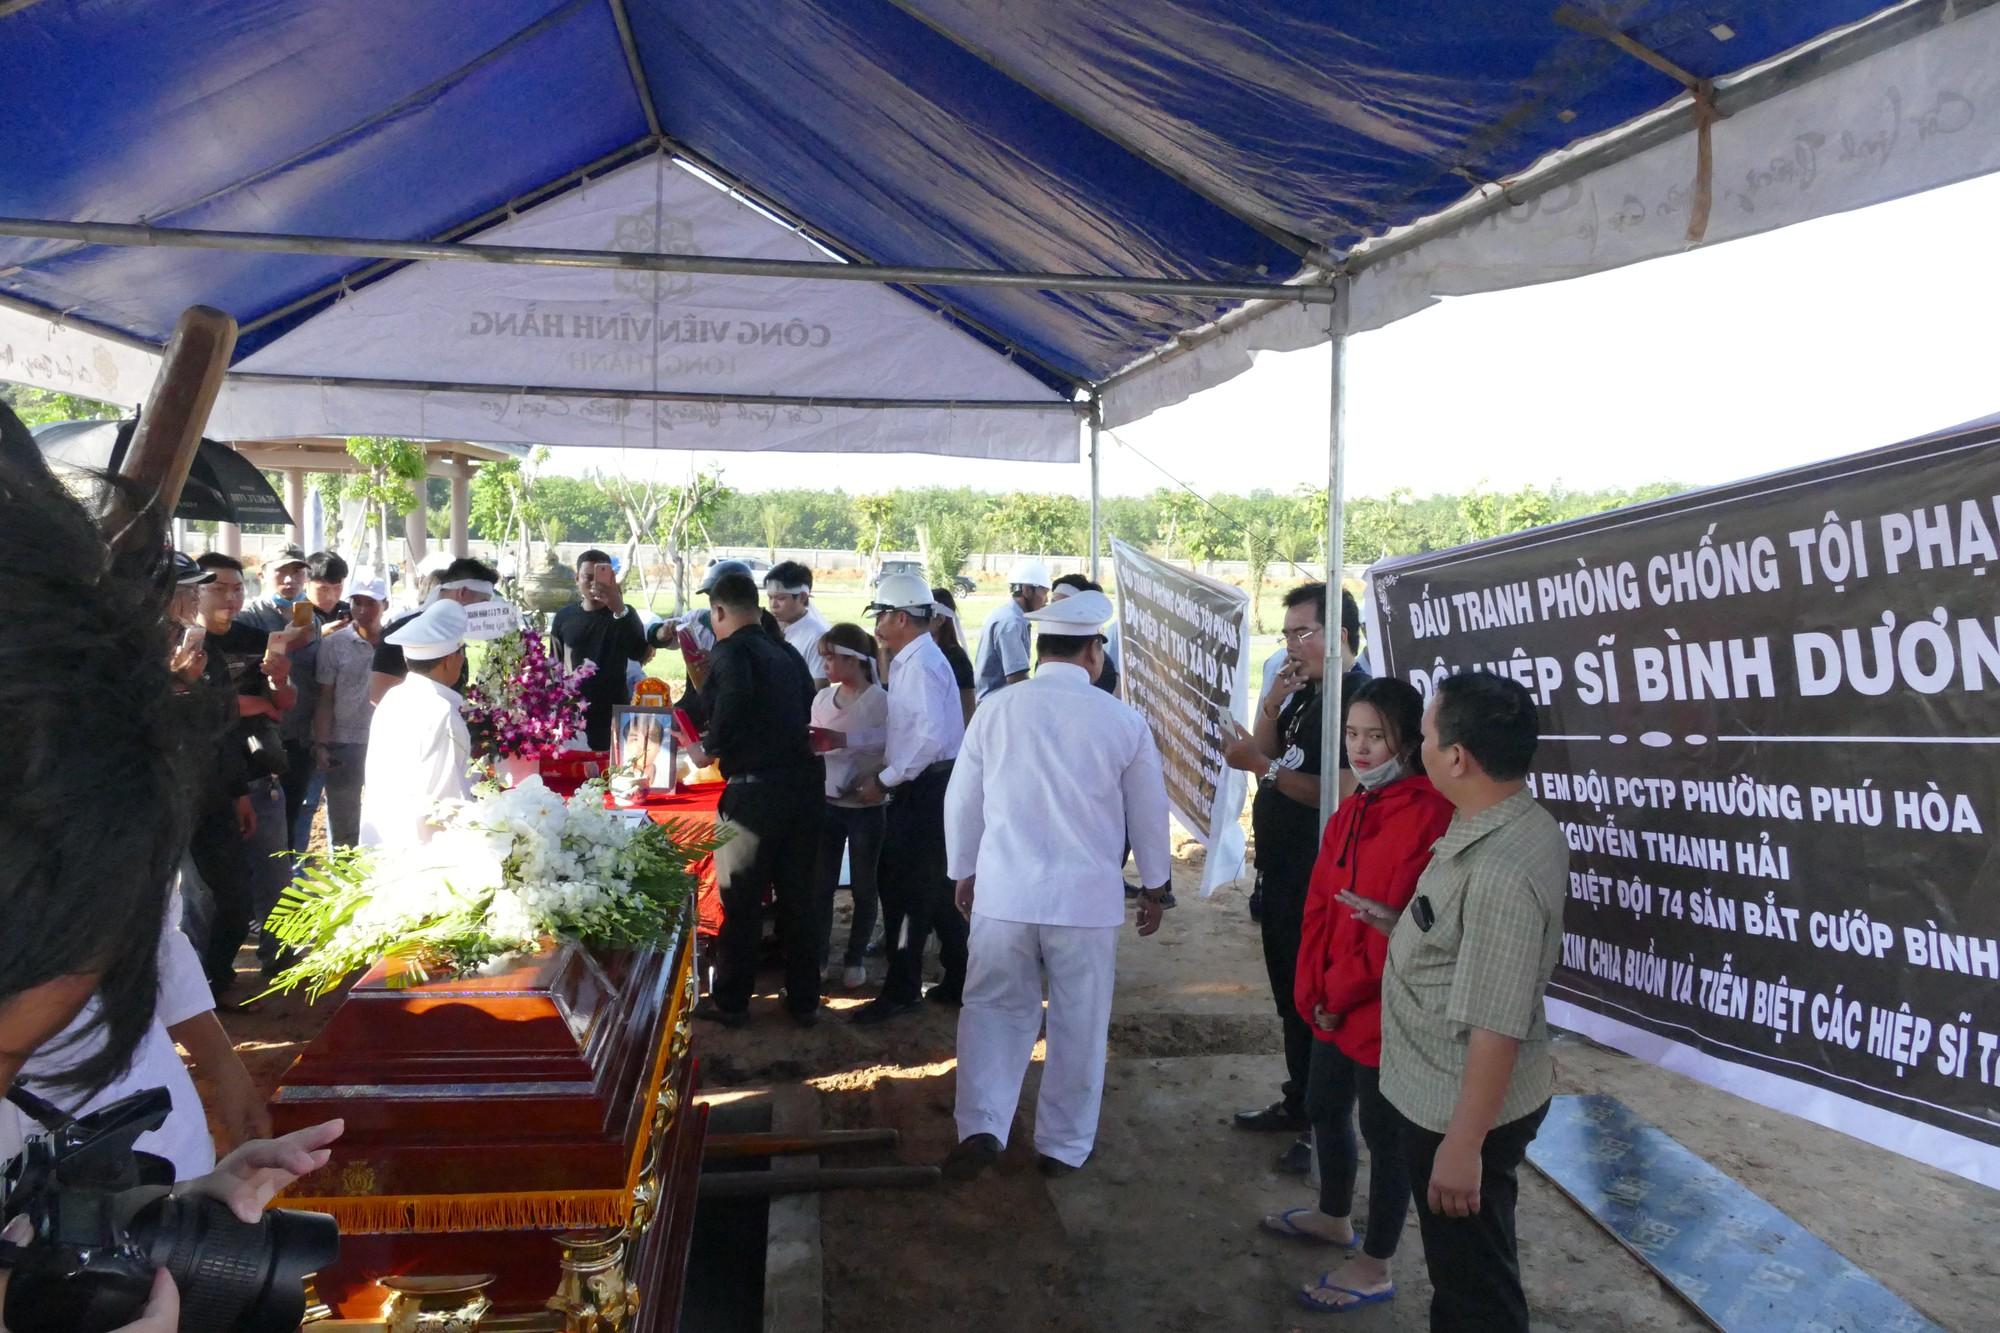 Người vợ chưa kịp mặc áo cưới của hiệp sĩ bị đâm tử vong ở Sài Gòn khóc nghẹn trong lễ tang chồng  - Ảnh 3.